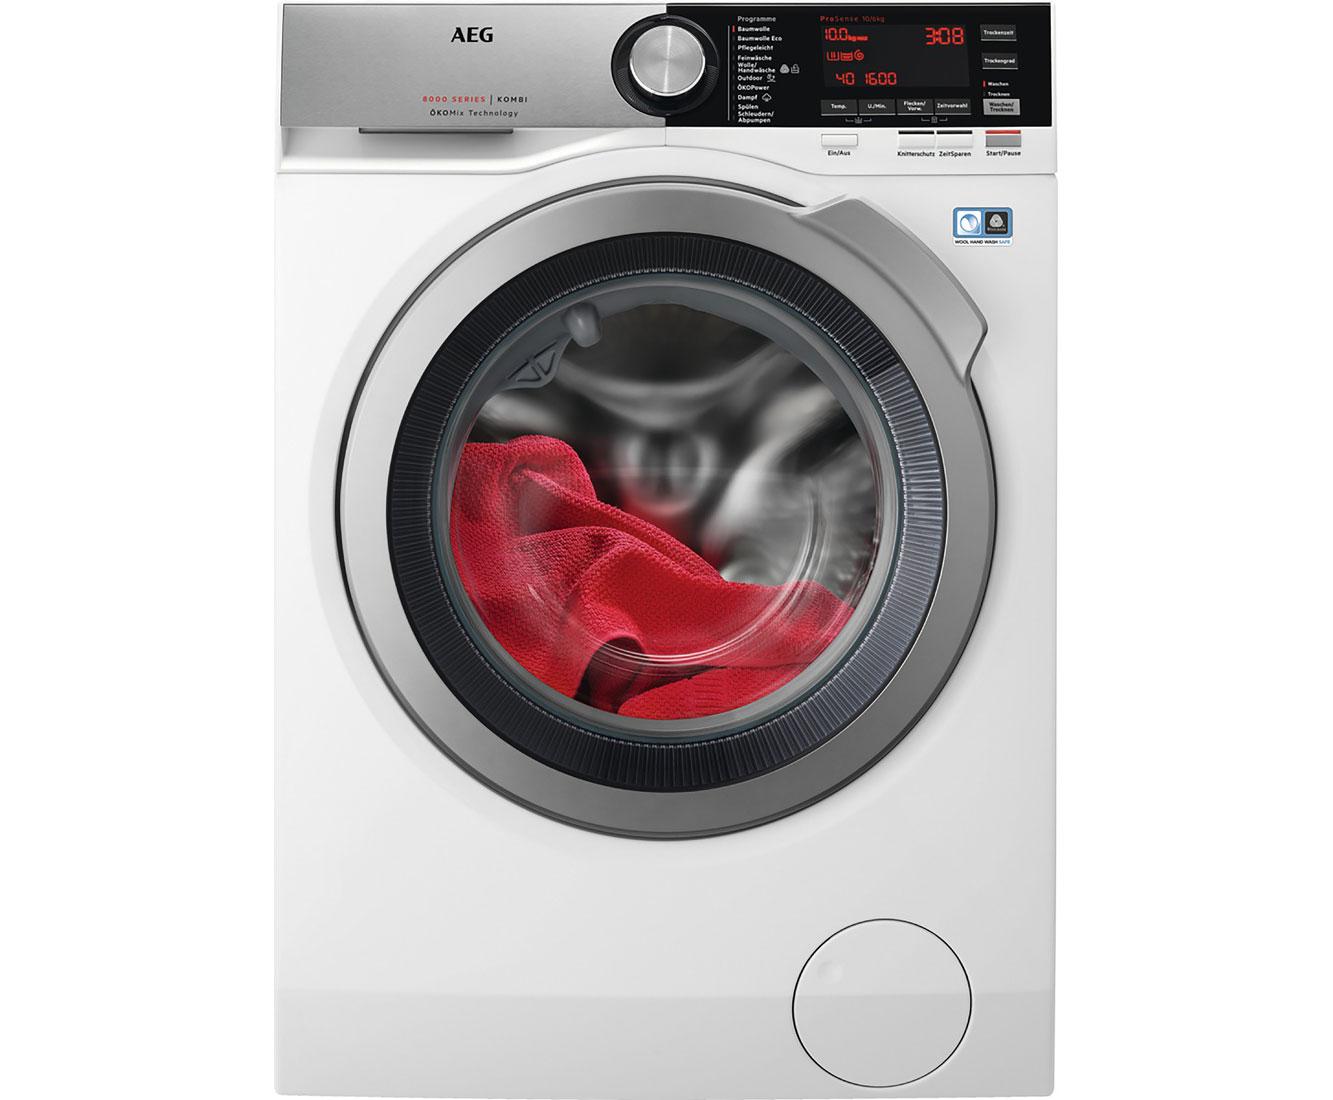 AEG Lavamat Kombi L8WE86605 Waschtrockner - Weiss